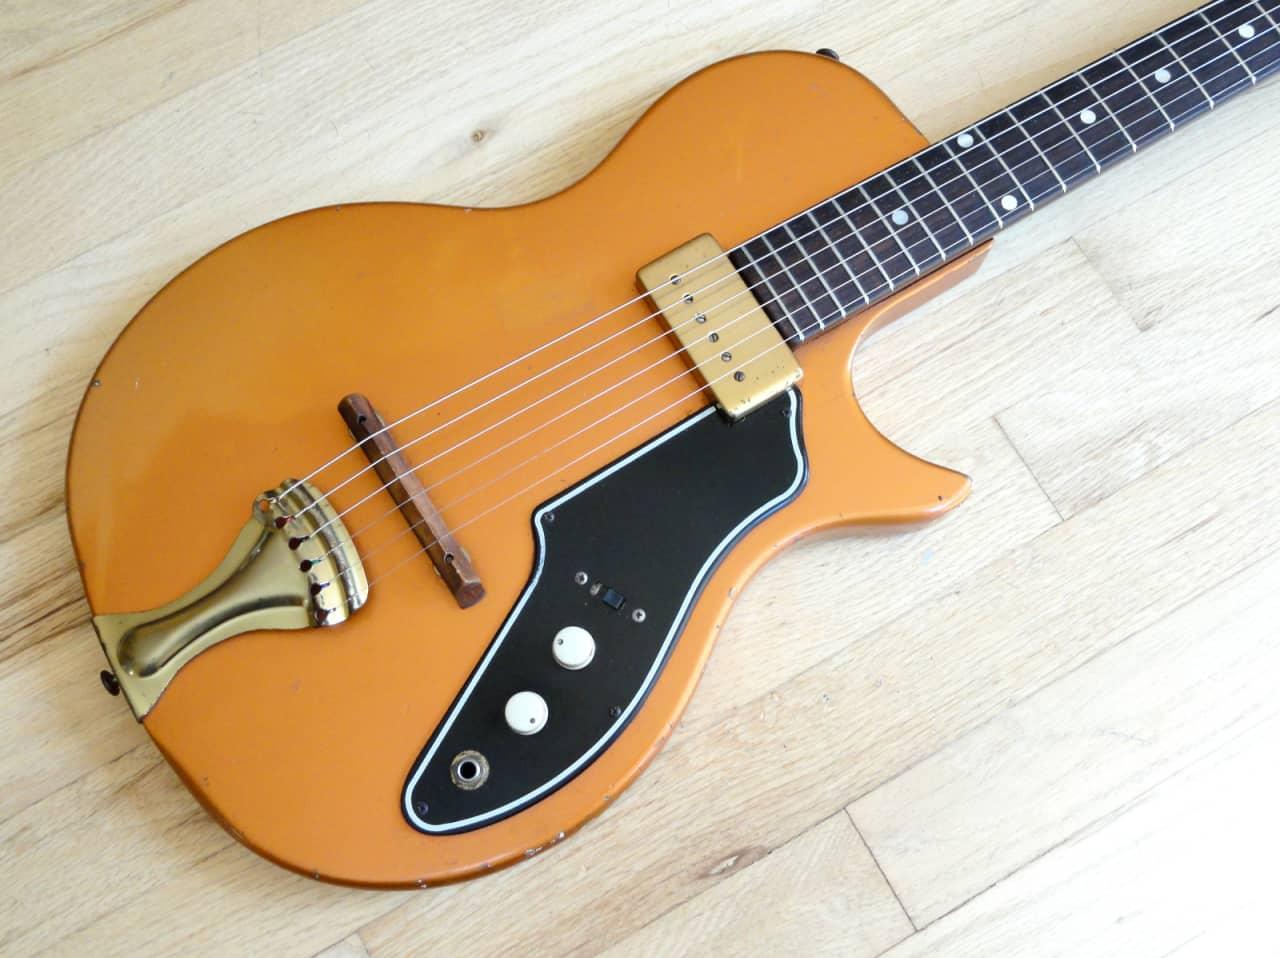 1960 supro tosca 3 4 size vintage electric guitar 100 stock reverb. Black Bedroom Furniture Sets. Home Design Ideas